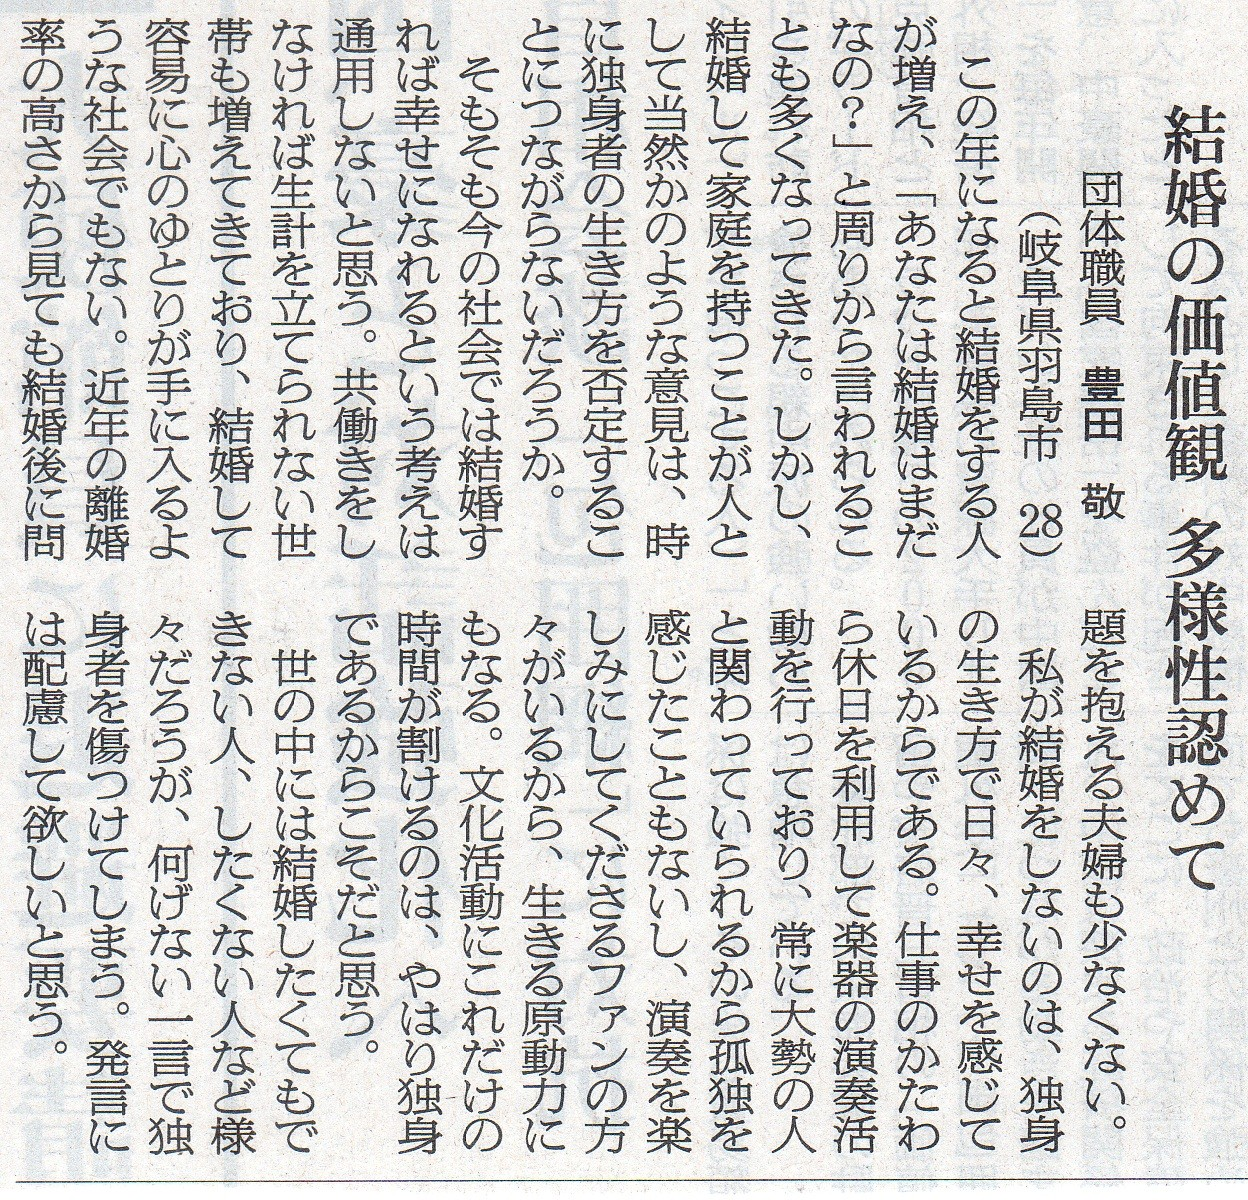 朝日新聞記事:「結婚の価値観 多様性認めて」